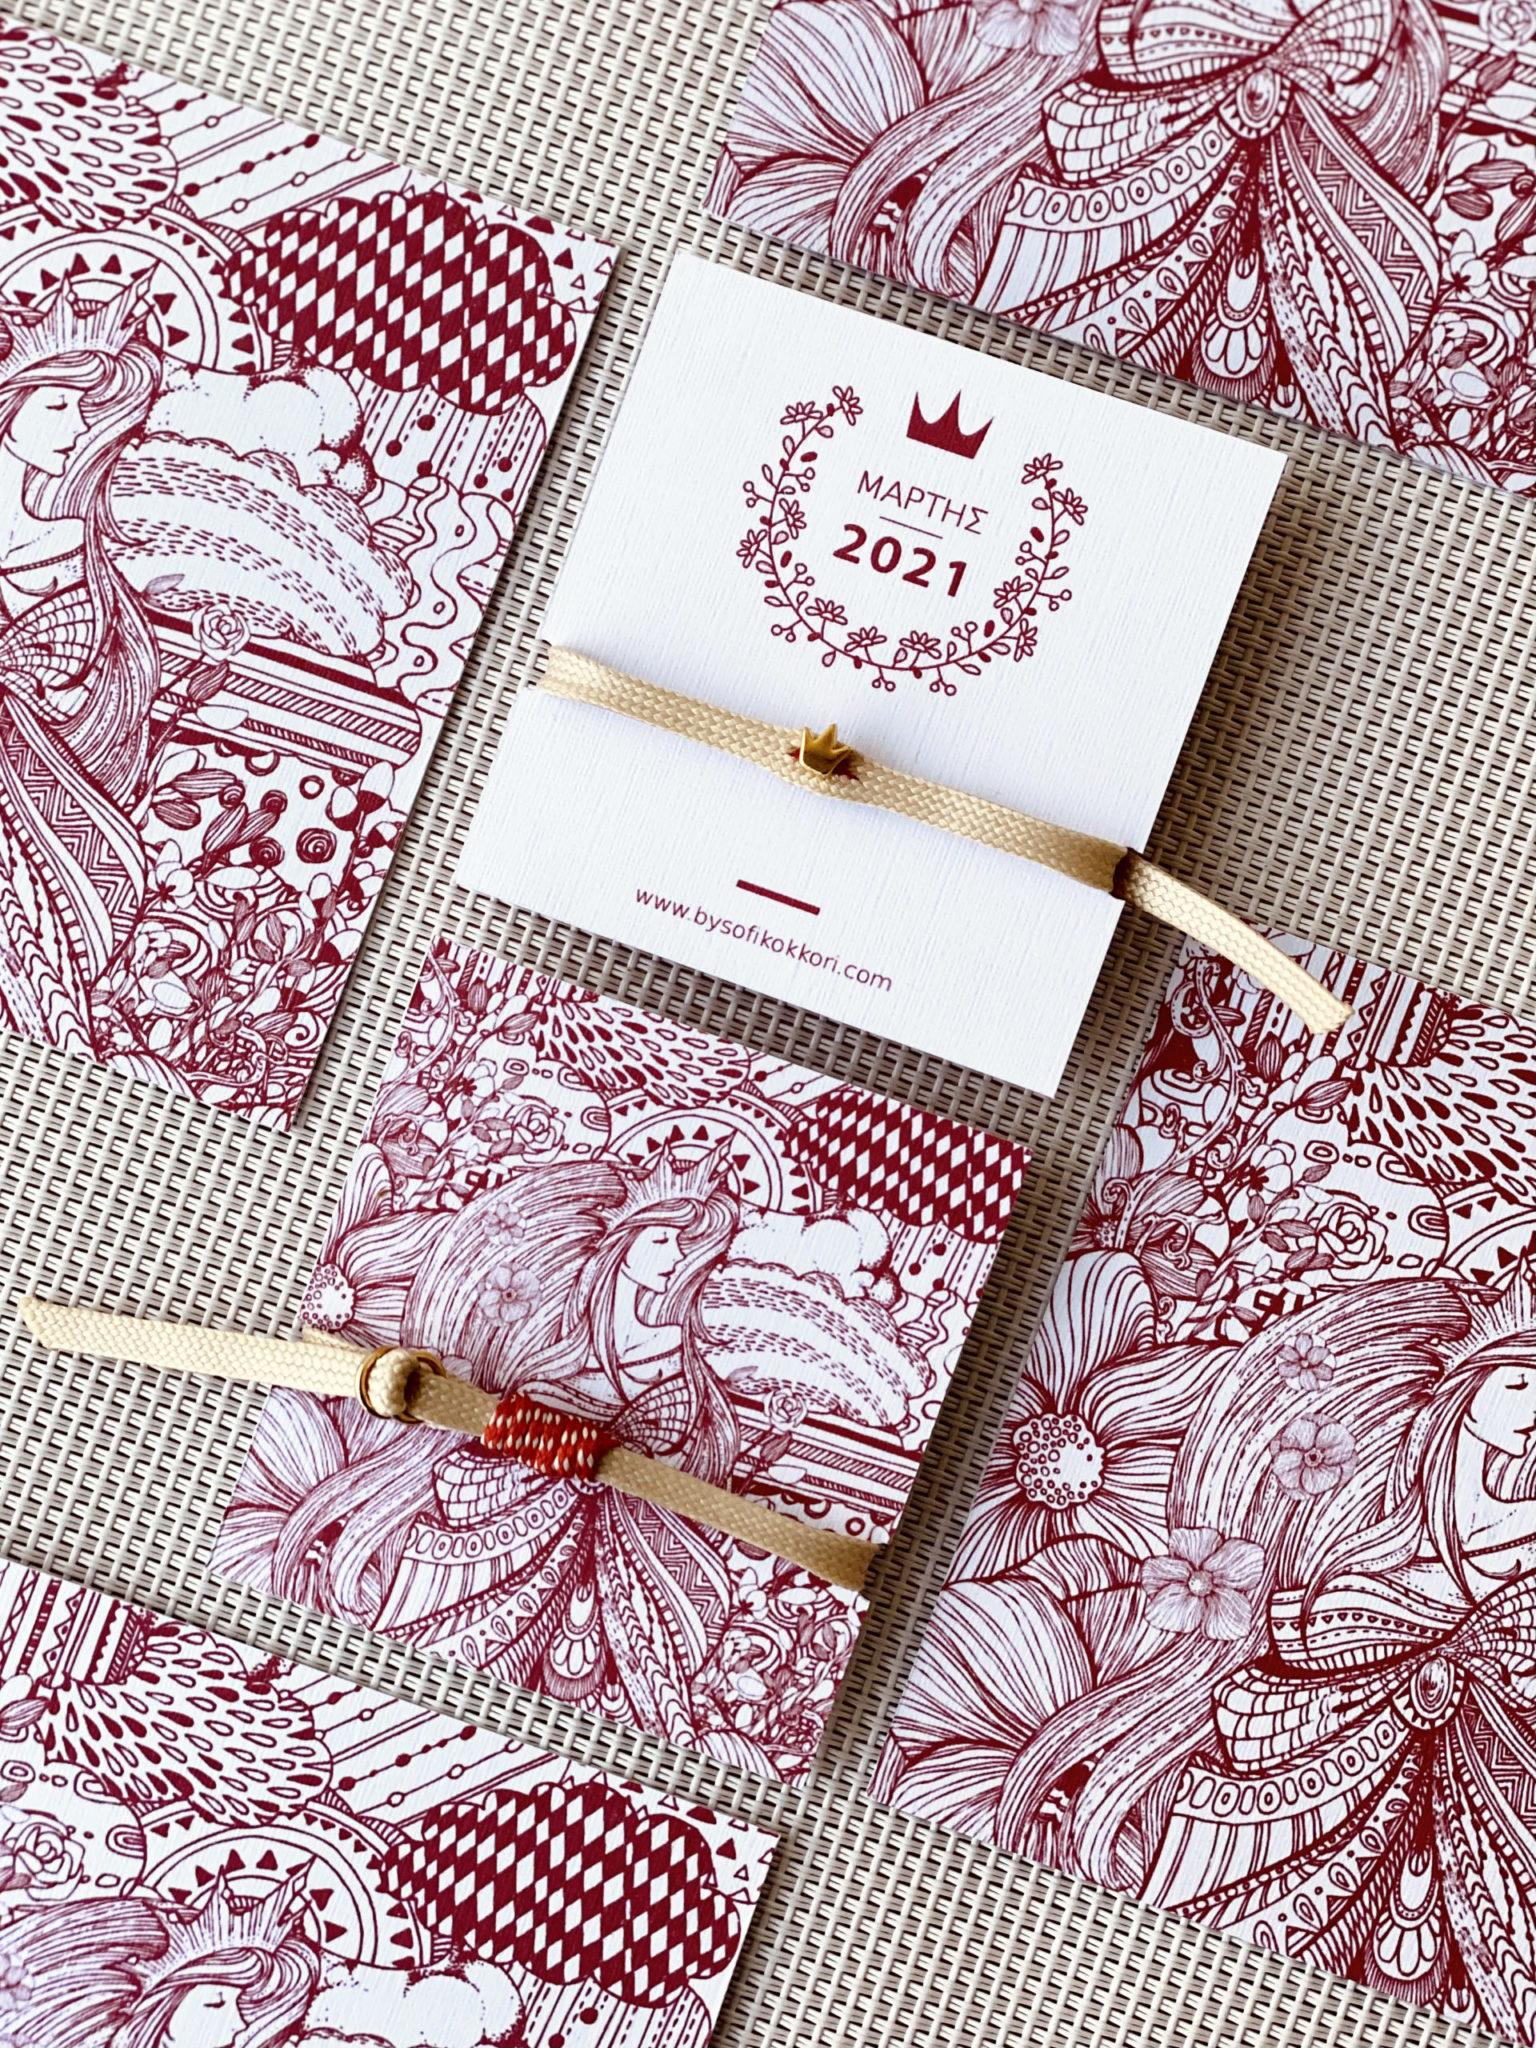 Martis-2021-special-occasion-crown-bracelet-beige-cord-front-back